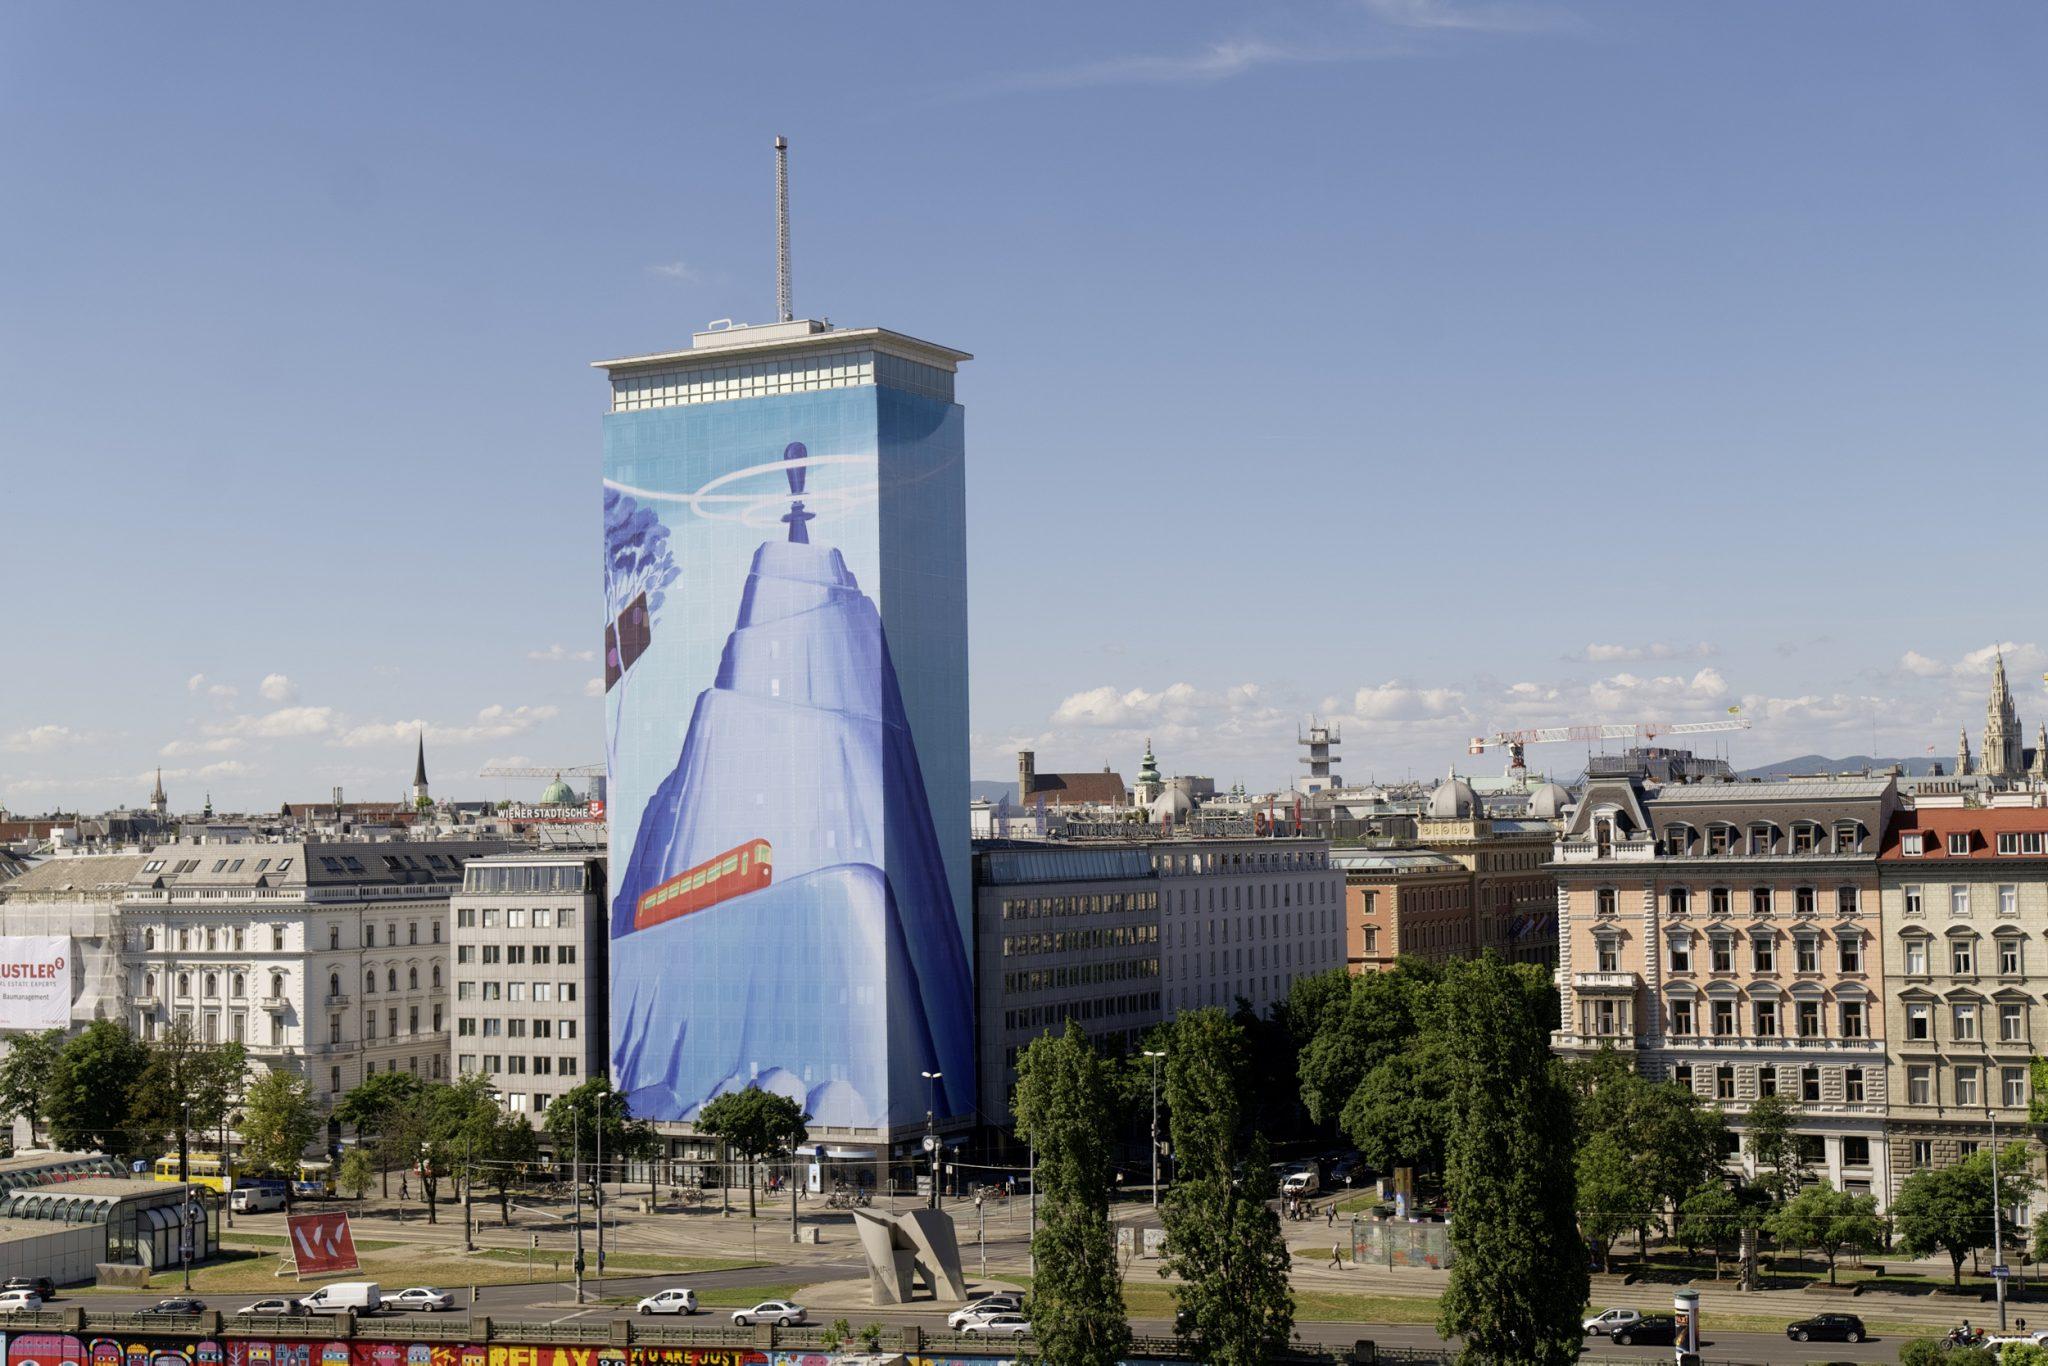 Vizija Mihaela Milunovića na zgradi u Beču